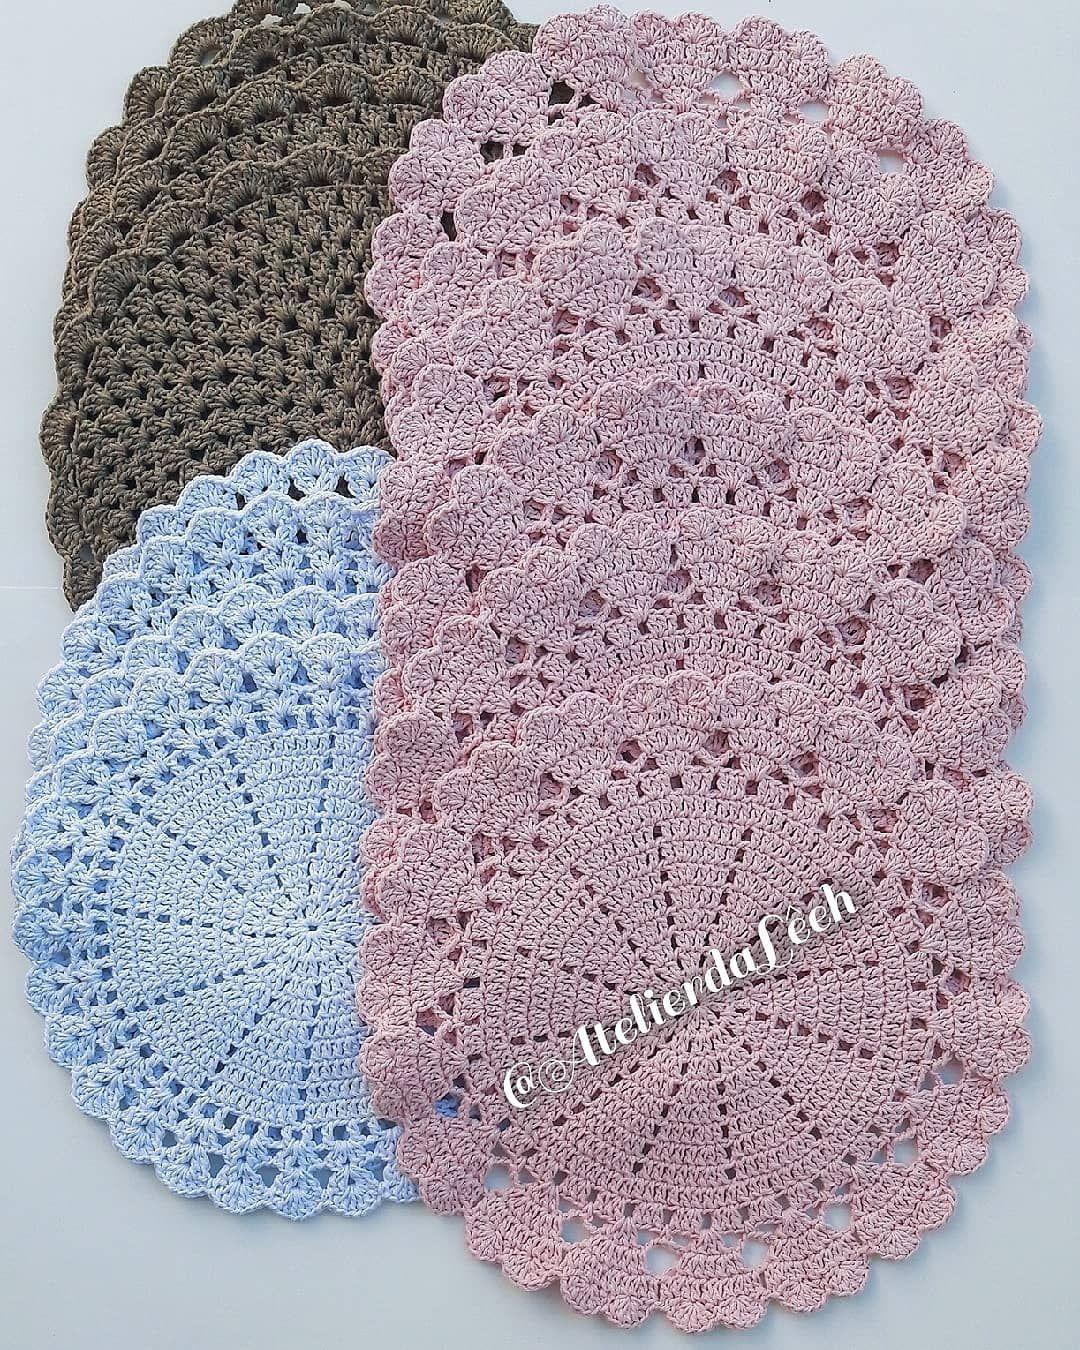 Bom Dia Escolha Linda Da Carol De Porto Alegre Rs Entre Em Contato Faca A Sua Encomenda Vendas Pelo Whatsap Crochet Crochet Blanket Crochet Hats